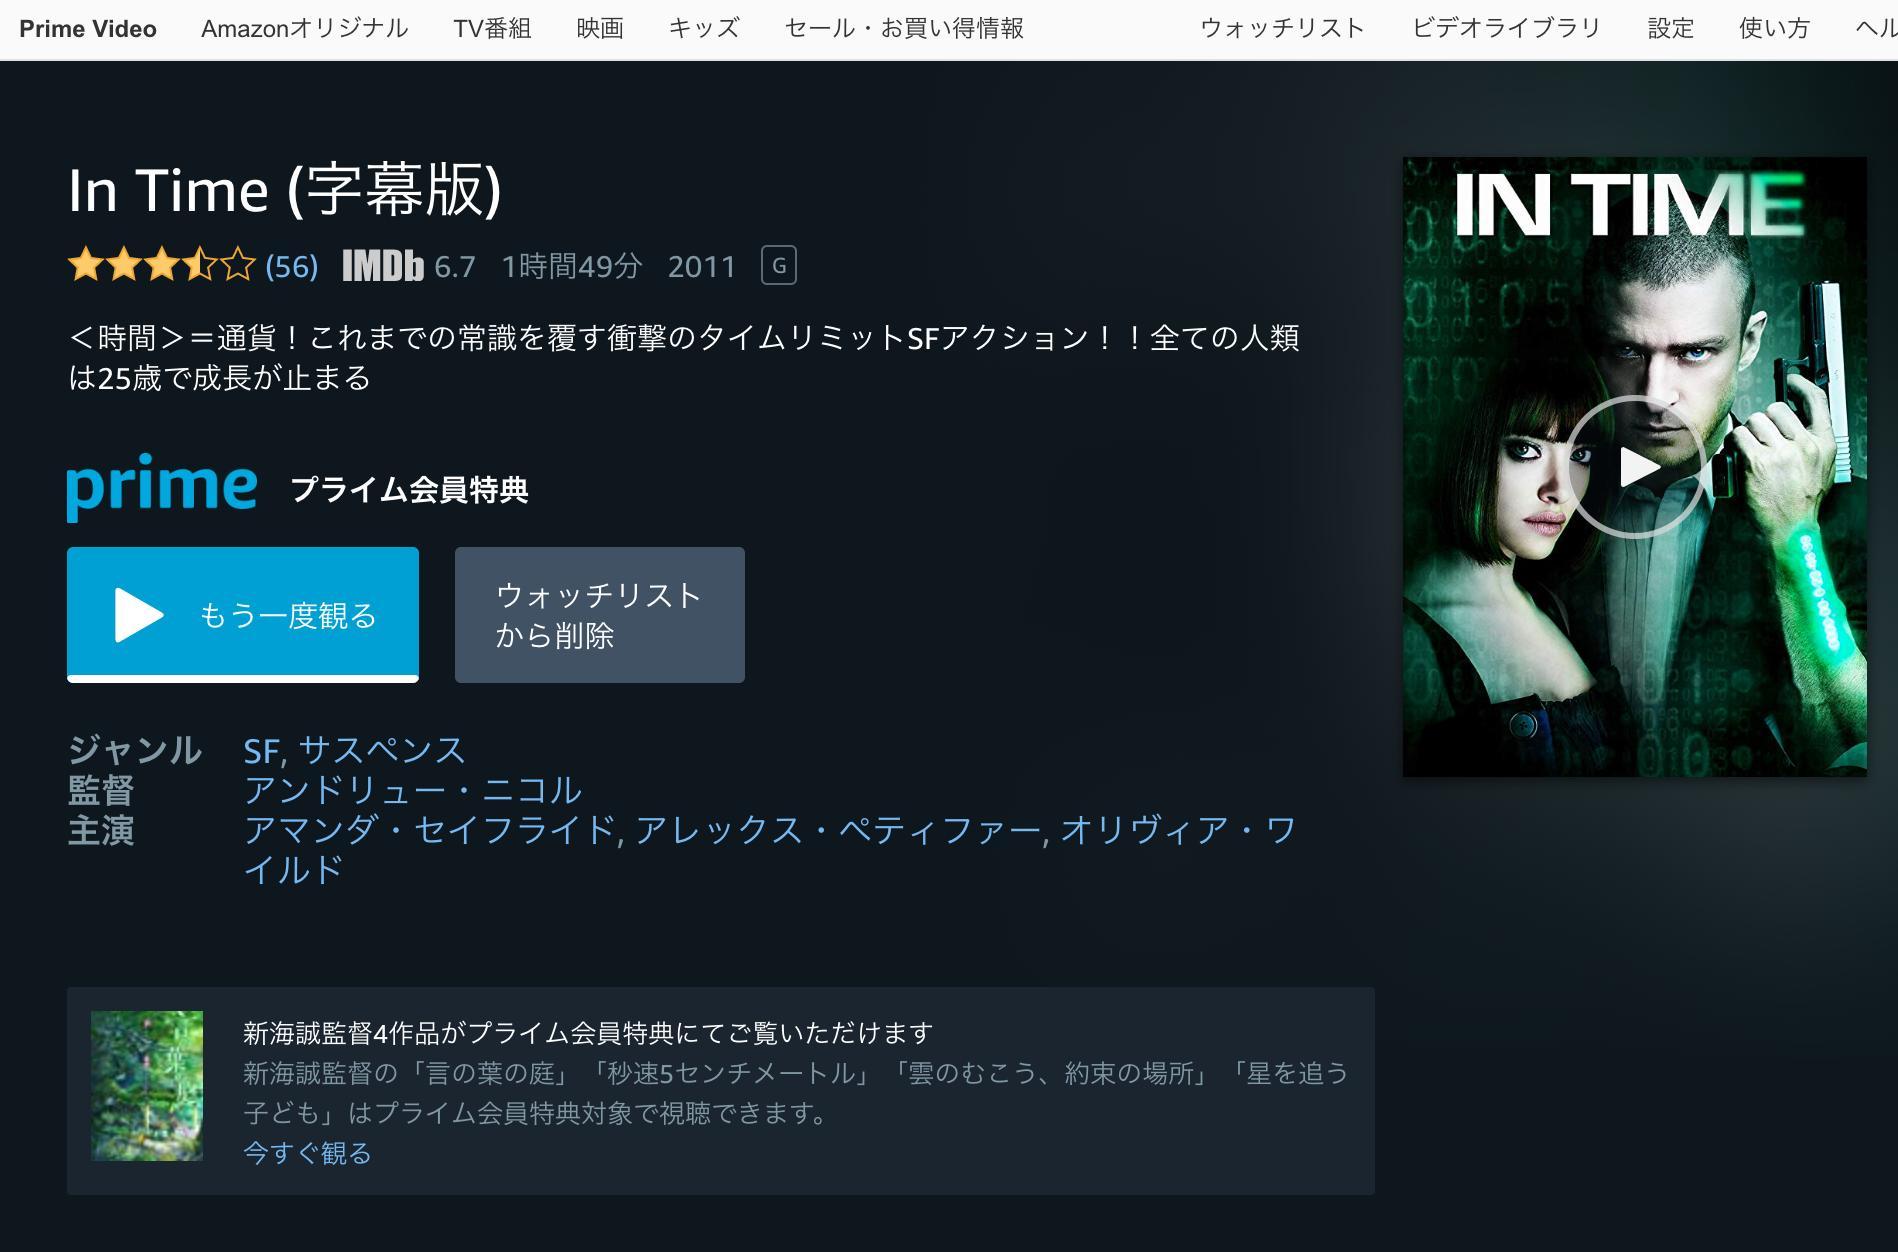 おもしろかった( ・∀・) ストーリーもわかりやすい。原題が「In Time」で日本版のタイトルは「TIME/タイム」らしい。  「<時間>=通貨!これまでの常識を覆す衝撃のタイムリミットSFアクション!!全ての人類は25歳で成長が止まる」  In Time (字幕版) | Prime Video https://t.co/ACydYLZFKJ https://t.co/13qCP6CLSt